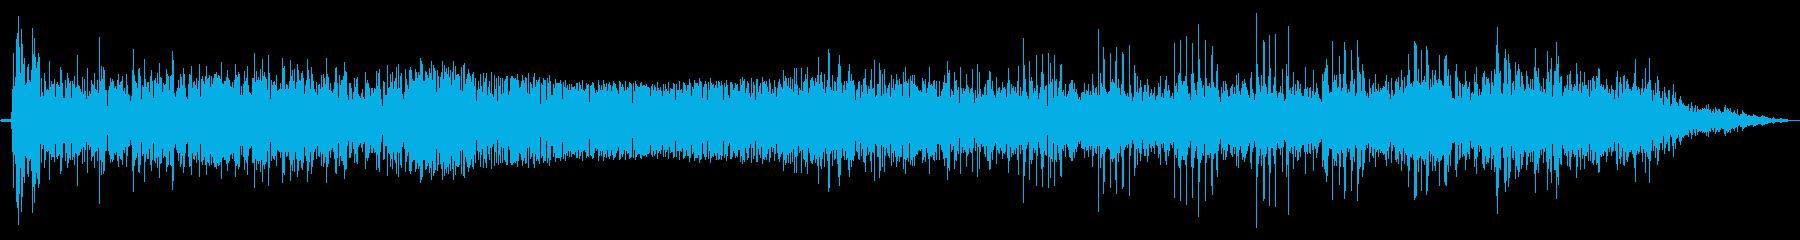 モーターパワーダウン、ロング、エク...の再生済みの波形